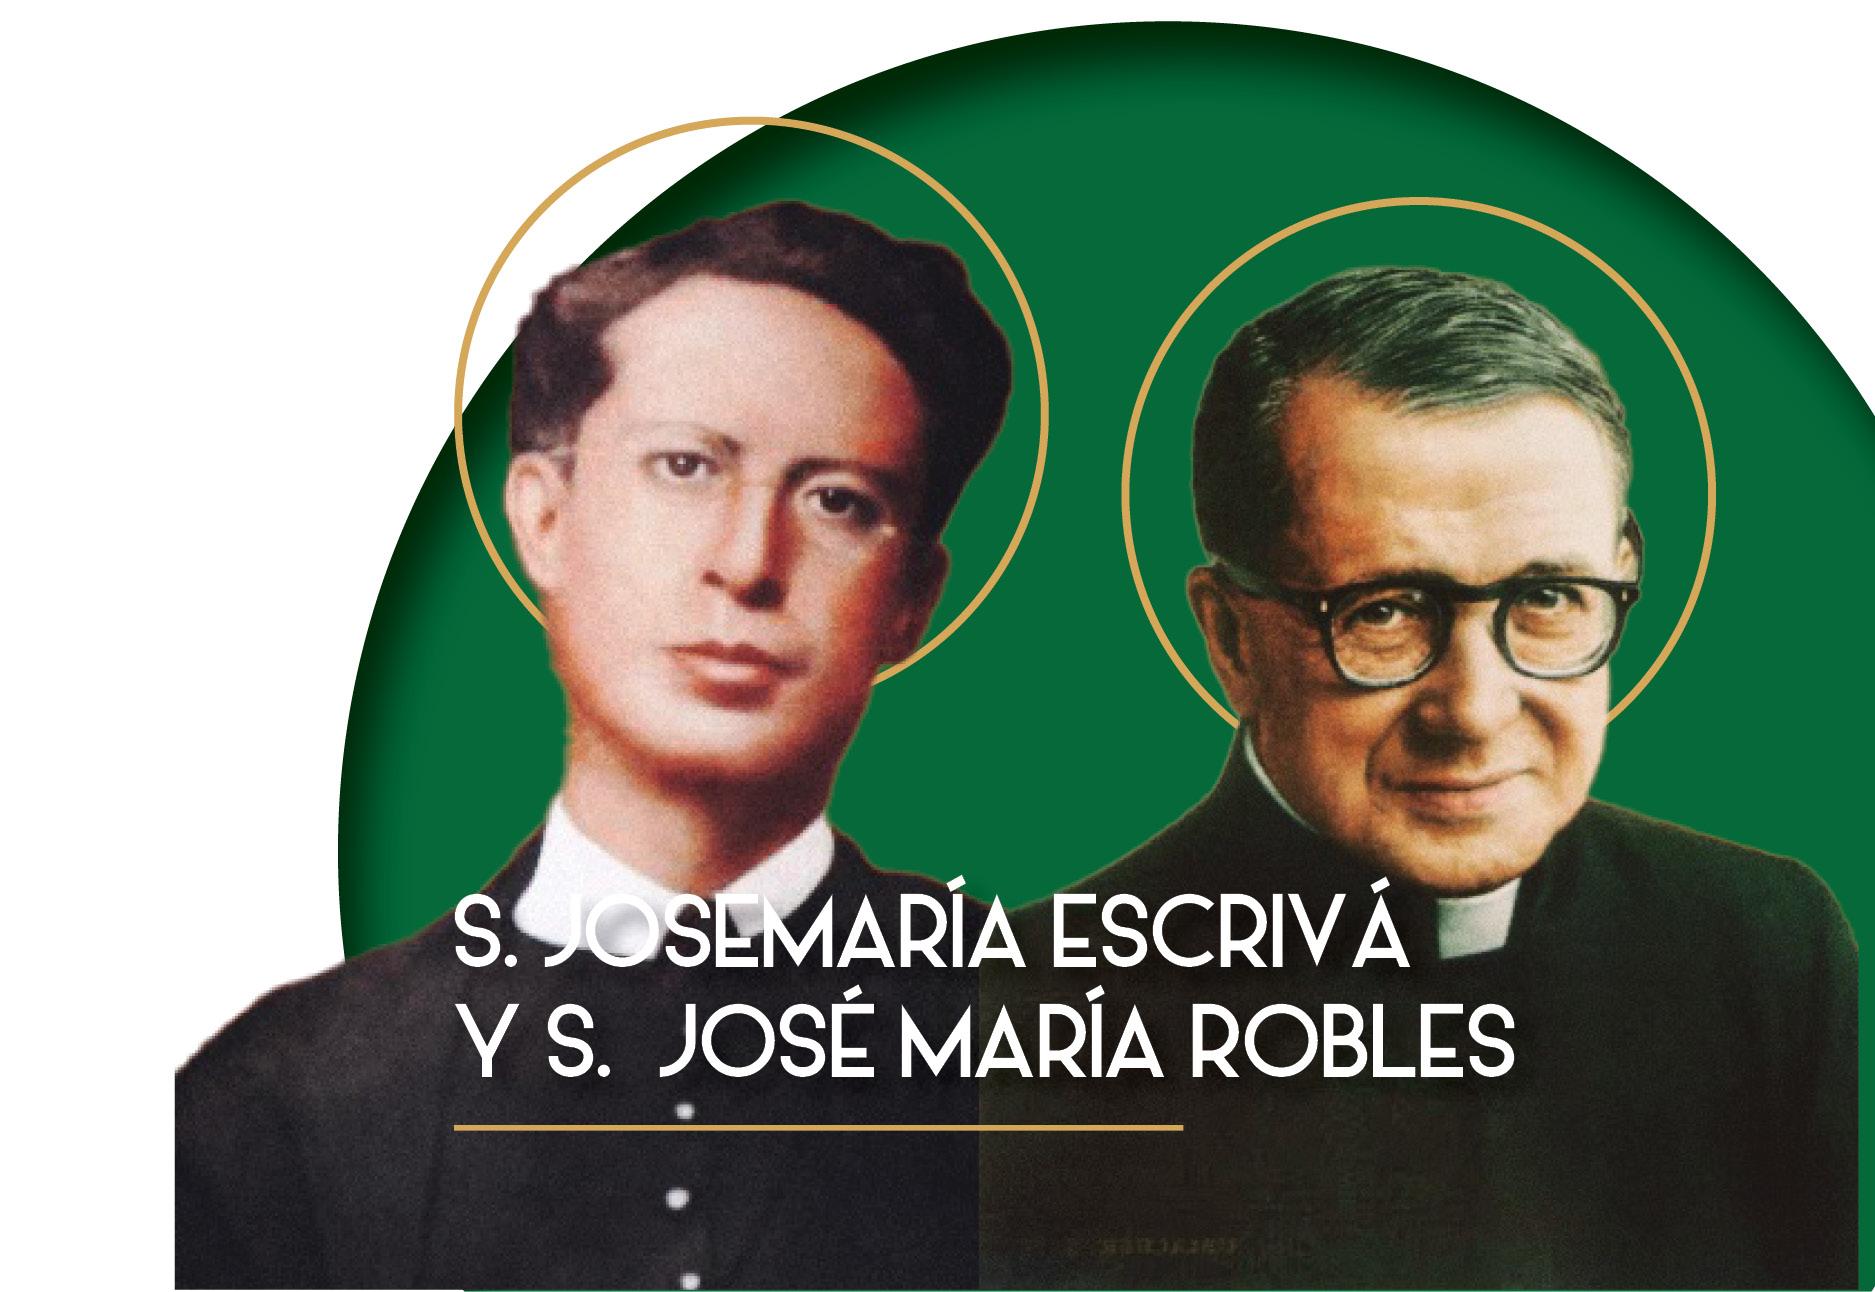 S. Josemaría Escrivá; S. José María Robles